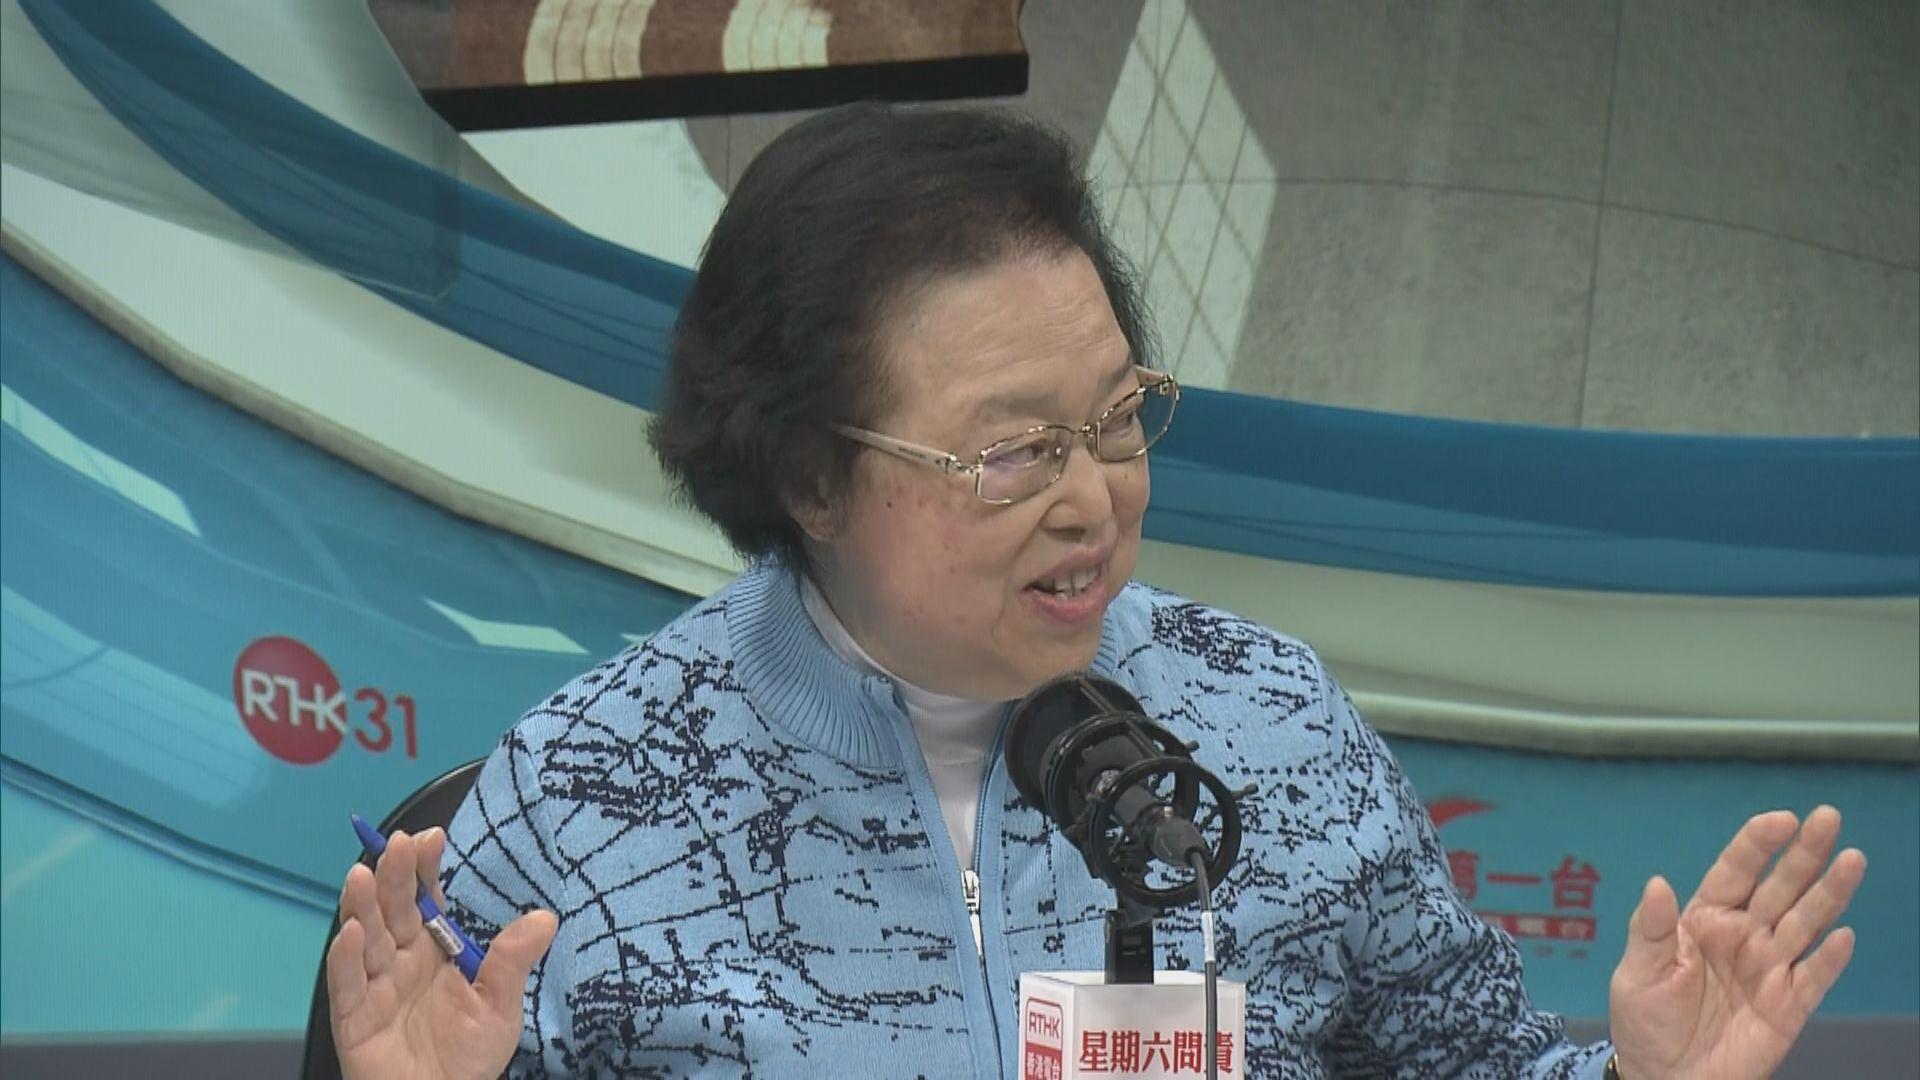 譚惠珠:選舉主任有權確認參選人是否真誠